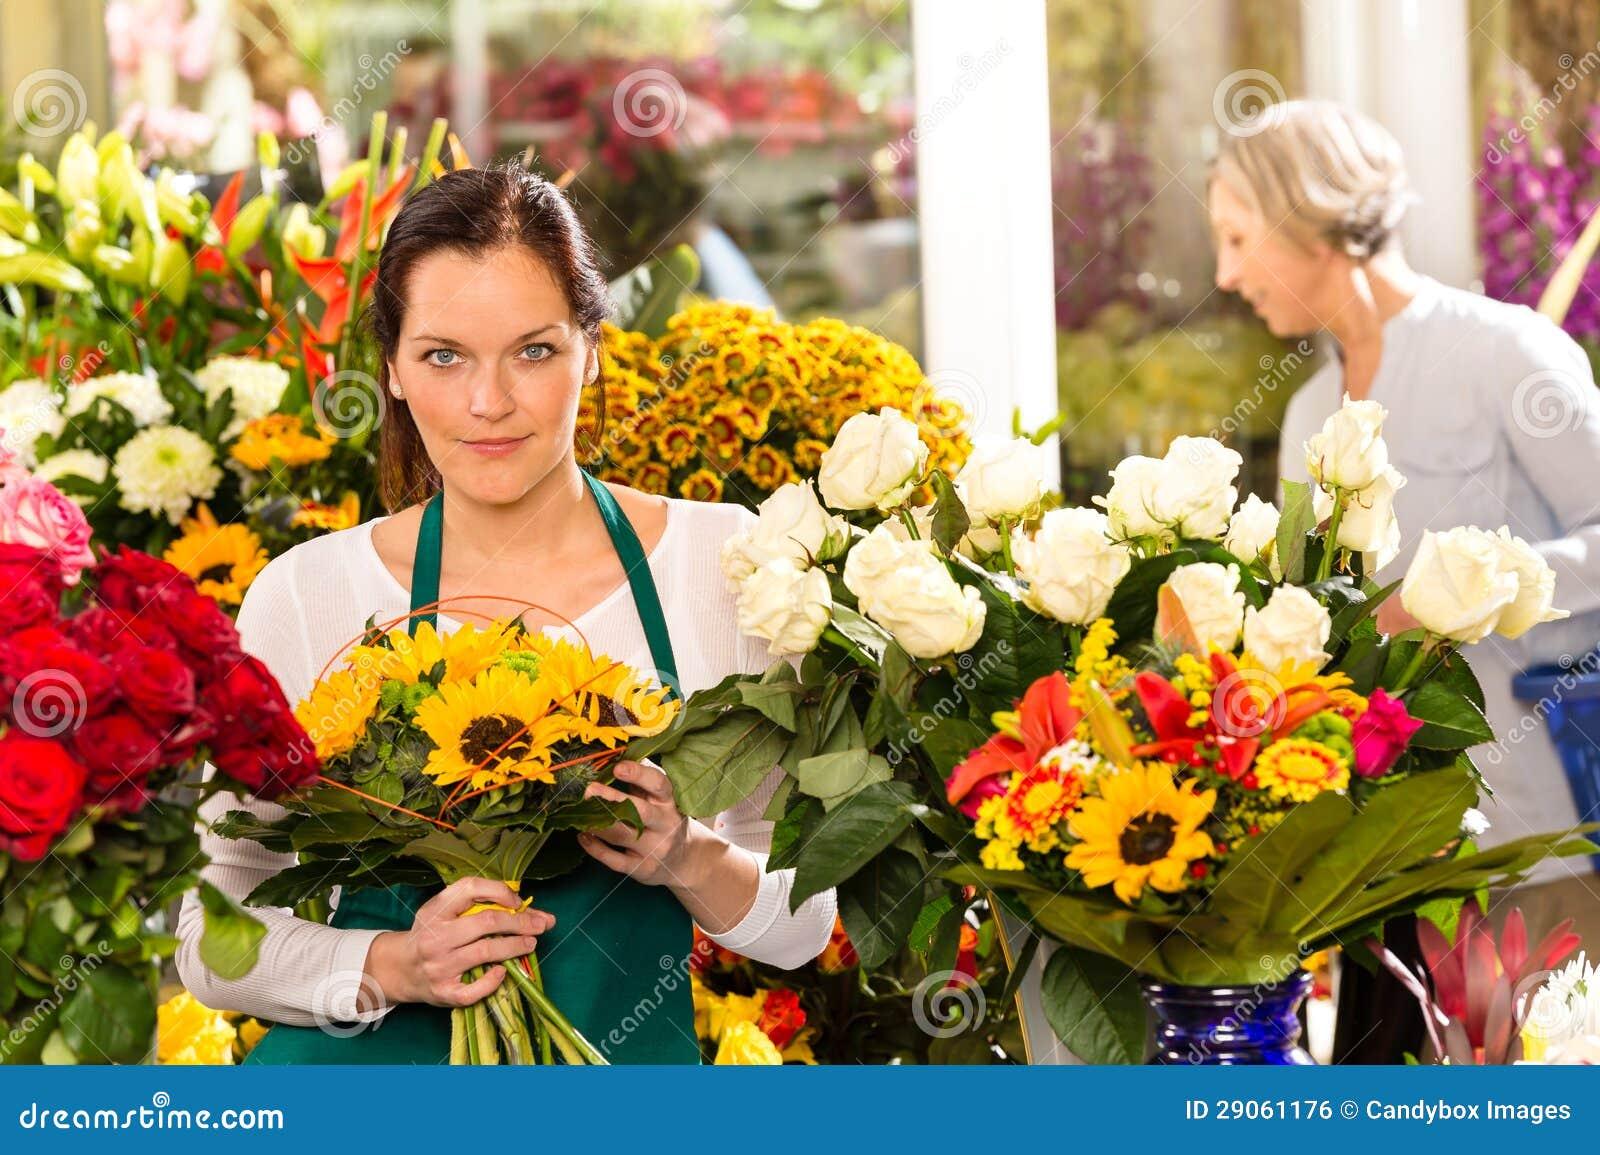 Секс в магазине цветов, Красивый секс продавца с клиенткой в магазине 27 фотография